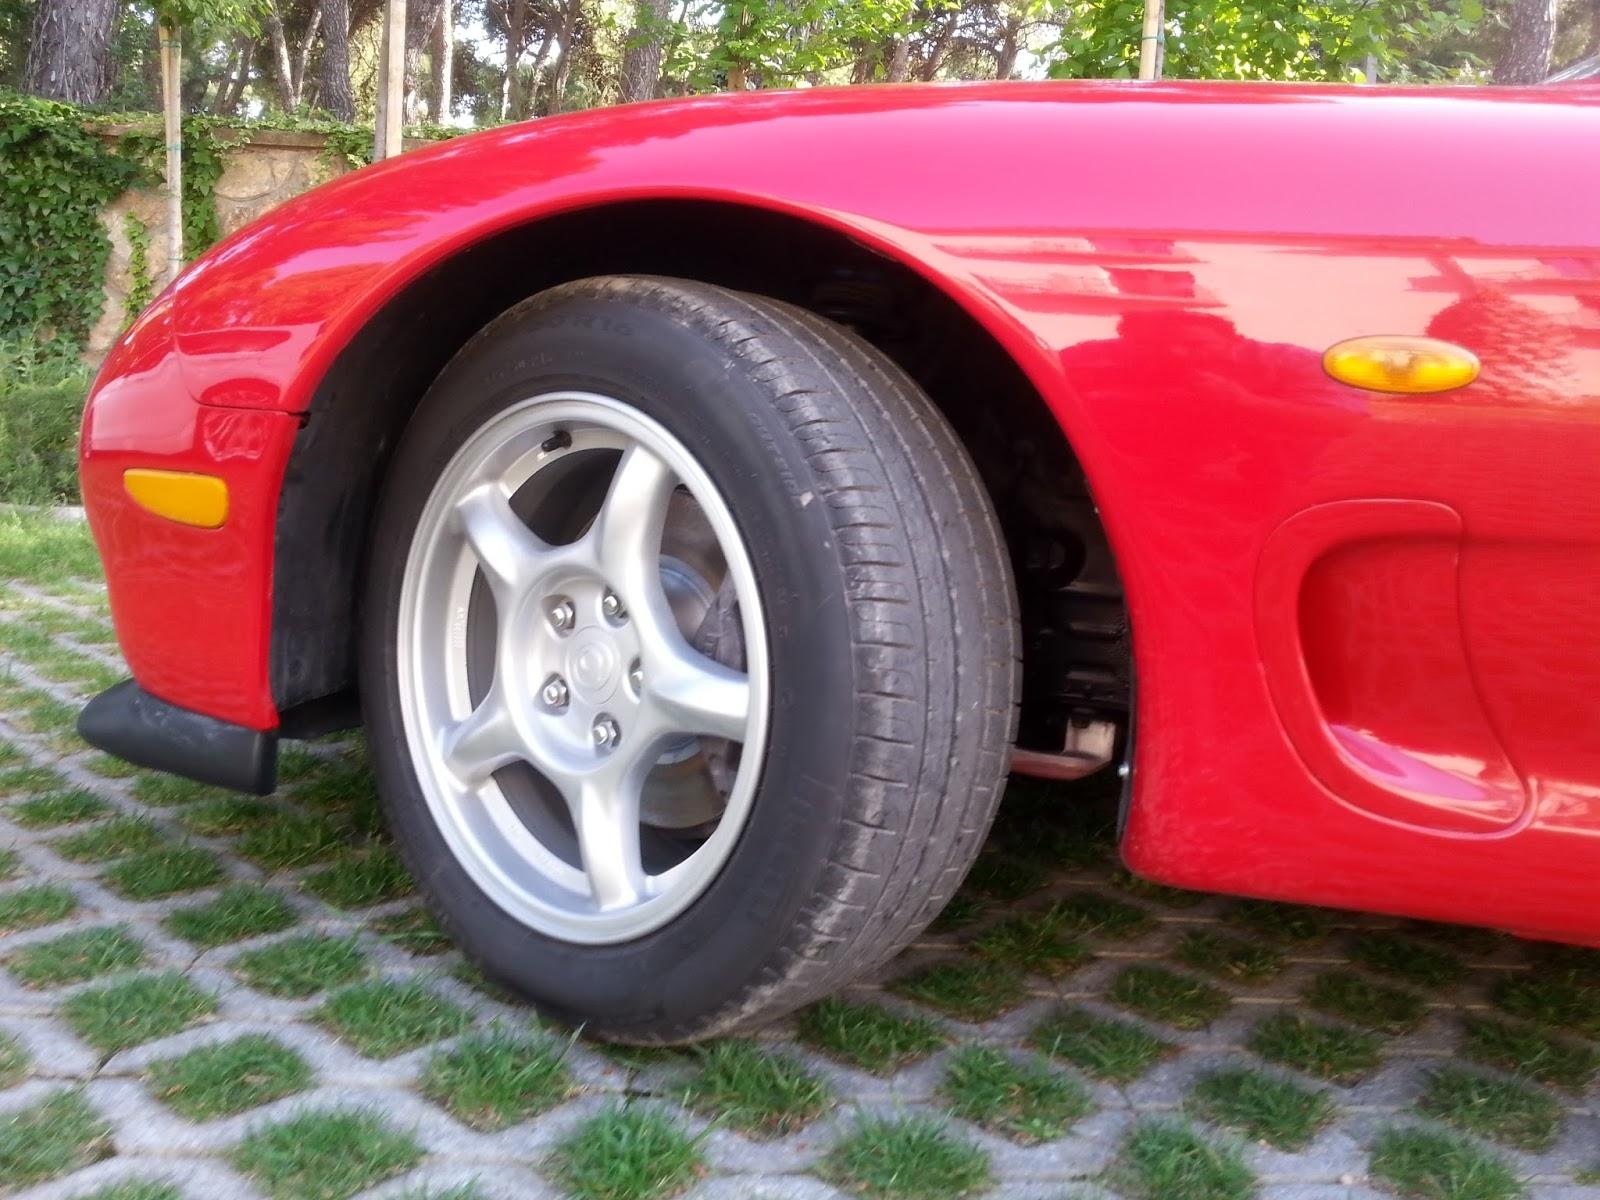 11 Όταν οδήγησα ένα καινούριο Mazda RX-7 Mazda, Mazda RX-7, TEST, zblog, αυτοκίνητα, ΔΟΚΙΜΕΣ, καινούρια, μεταχειρισμένα, οδηγούμε